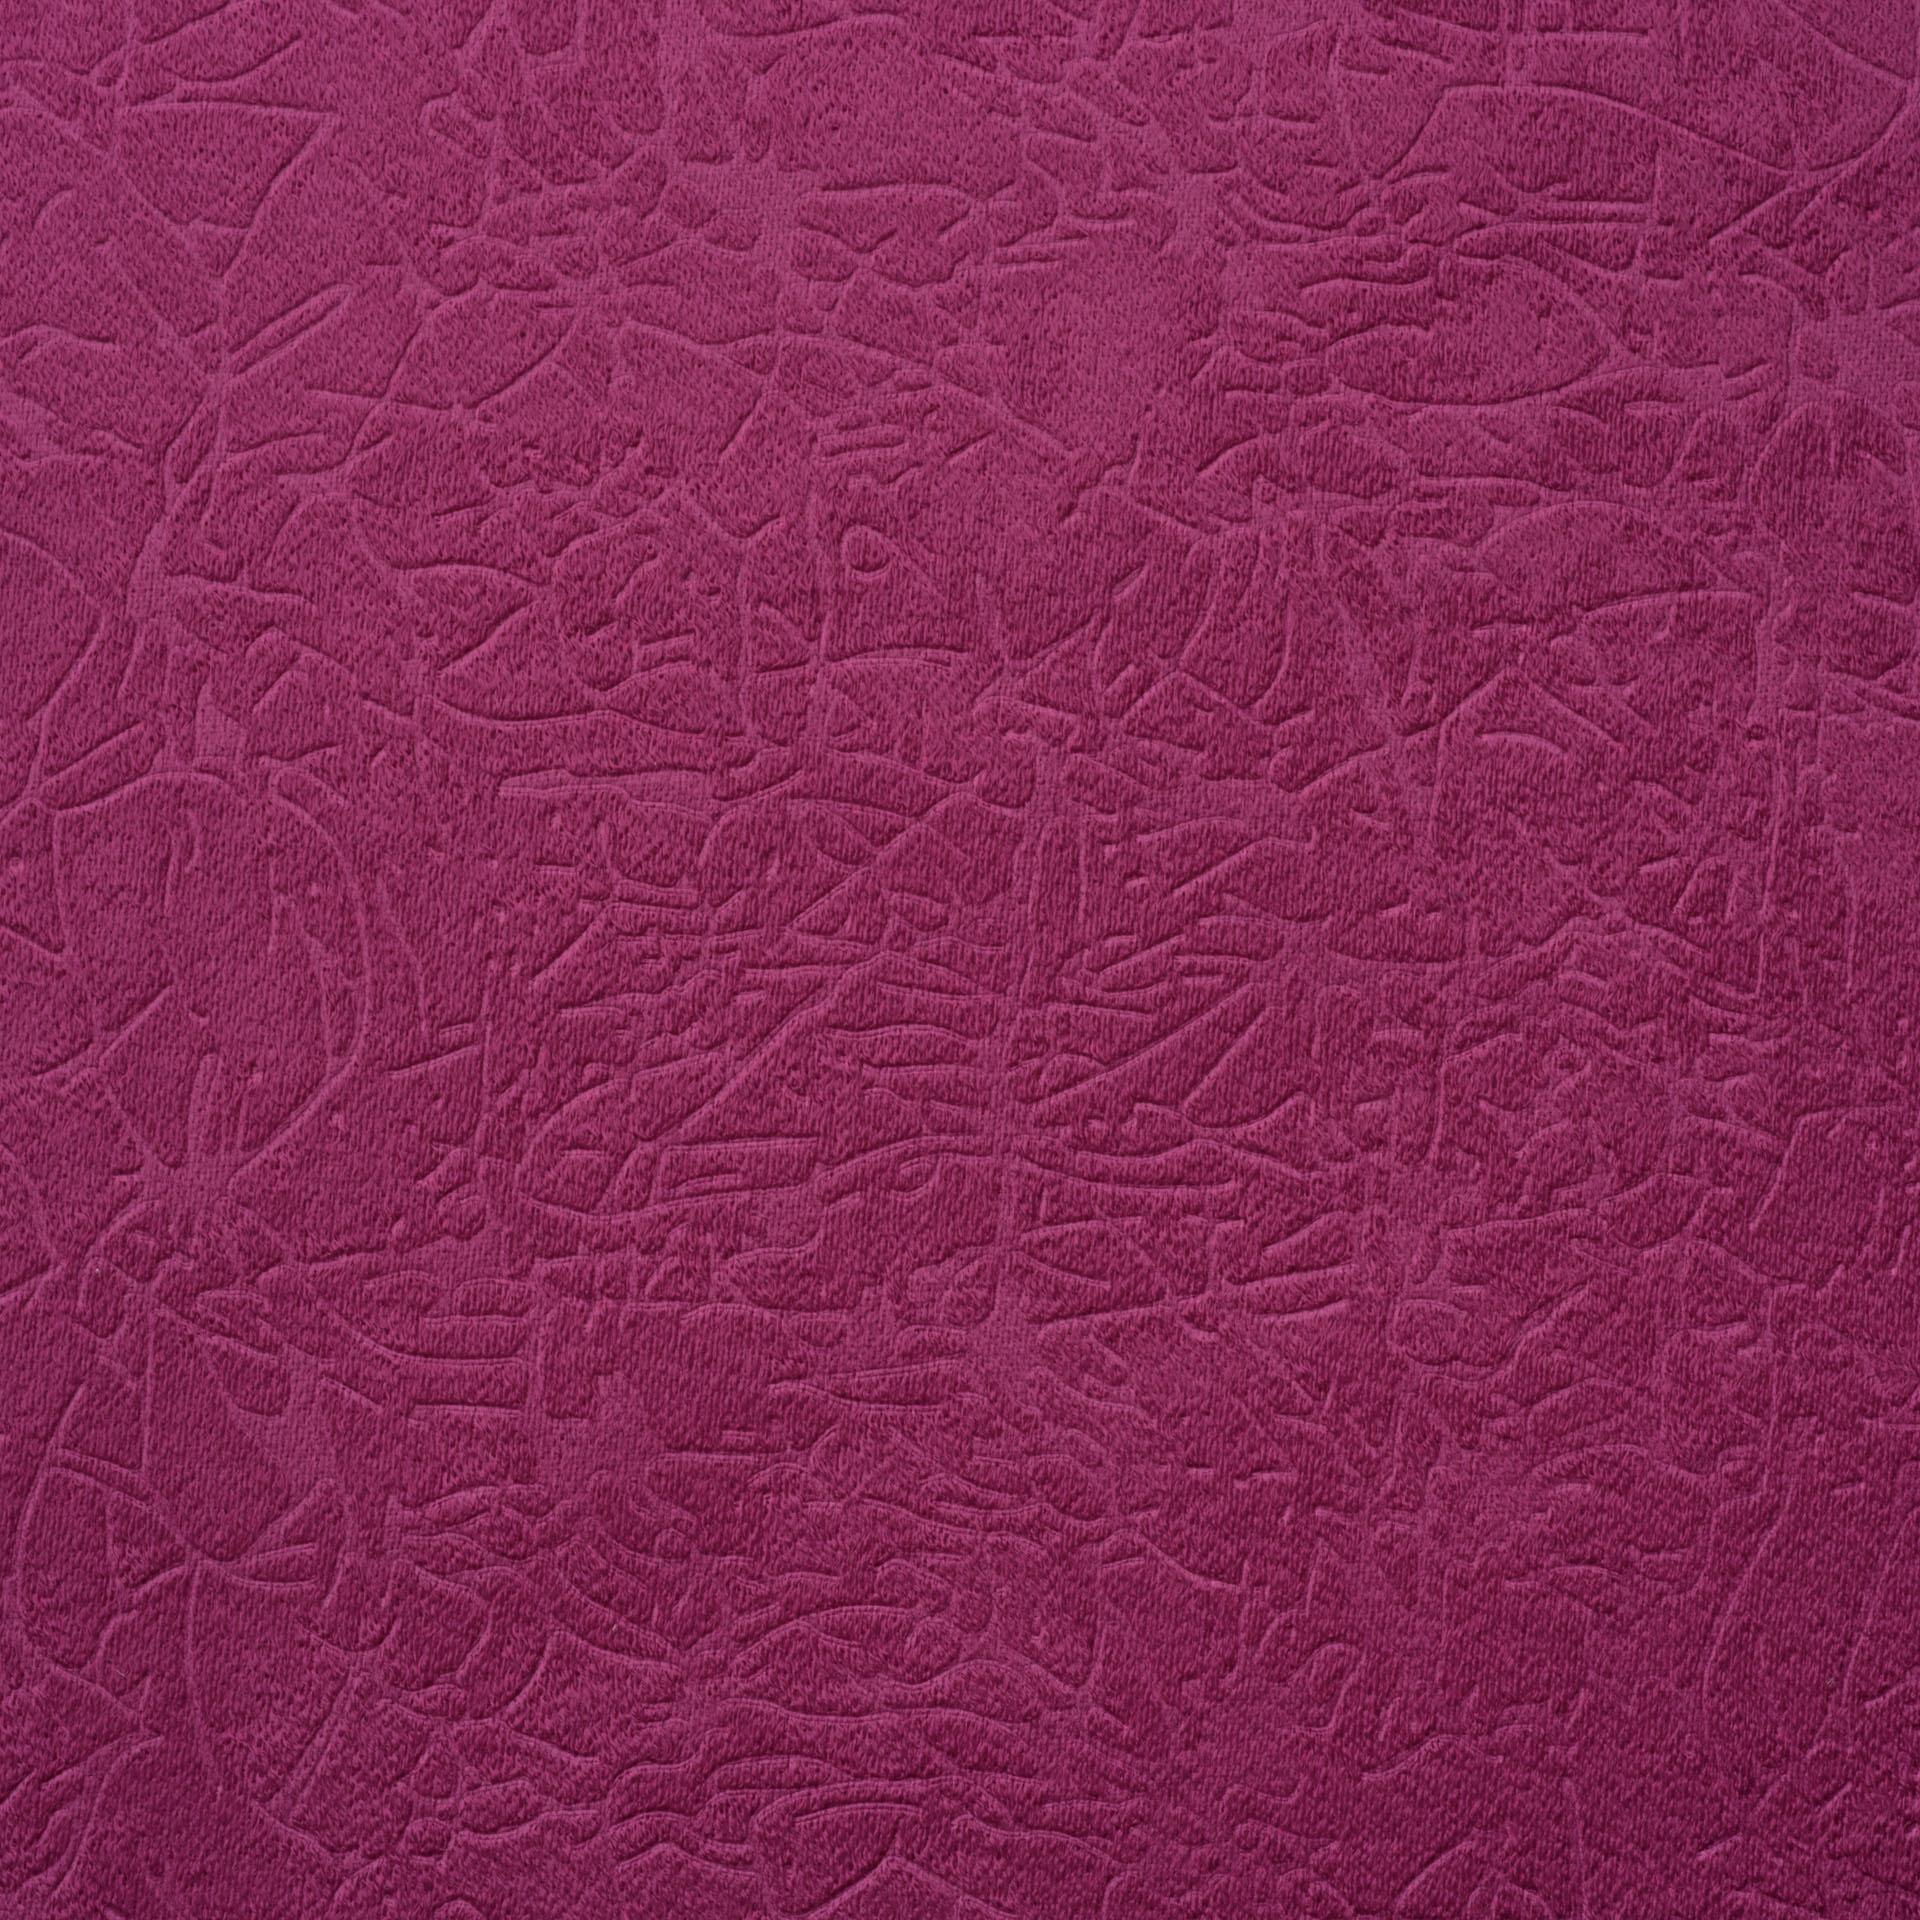 Коллекция ткани Пленет 18 PINK,  купить ткань Велюр для мебели Украина